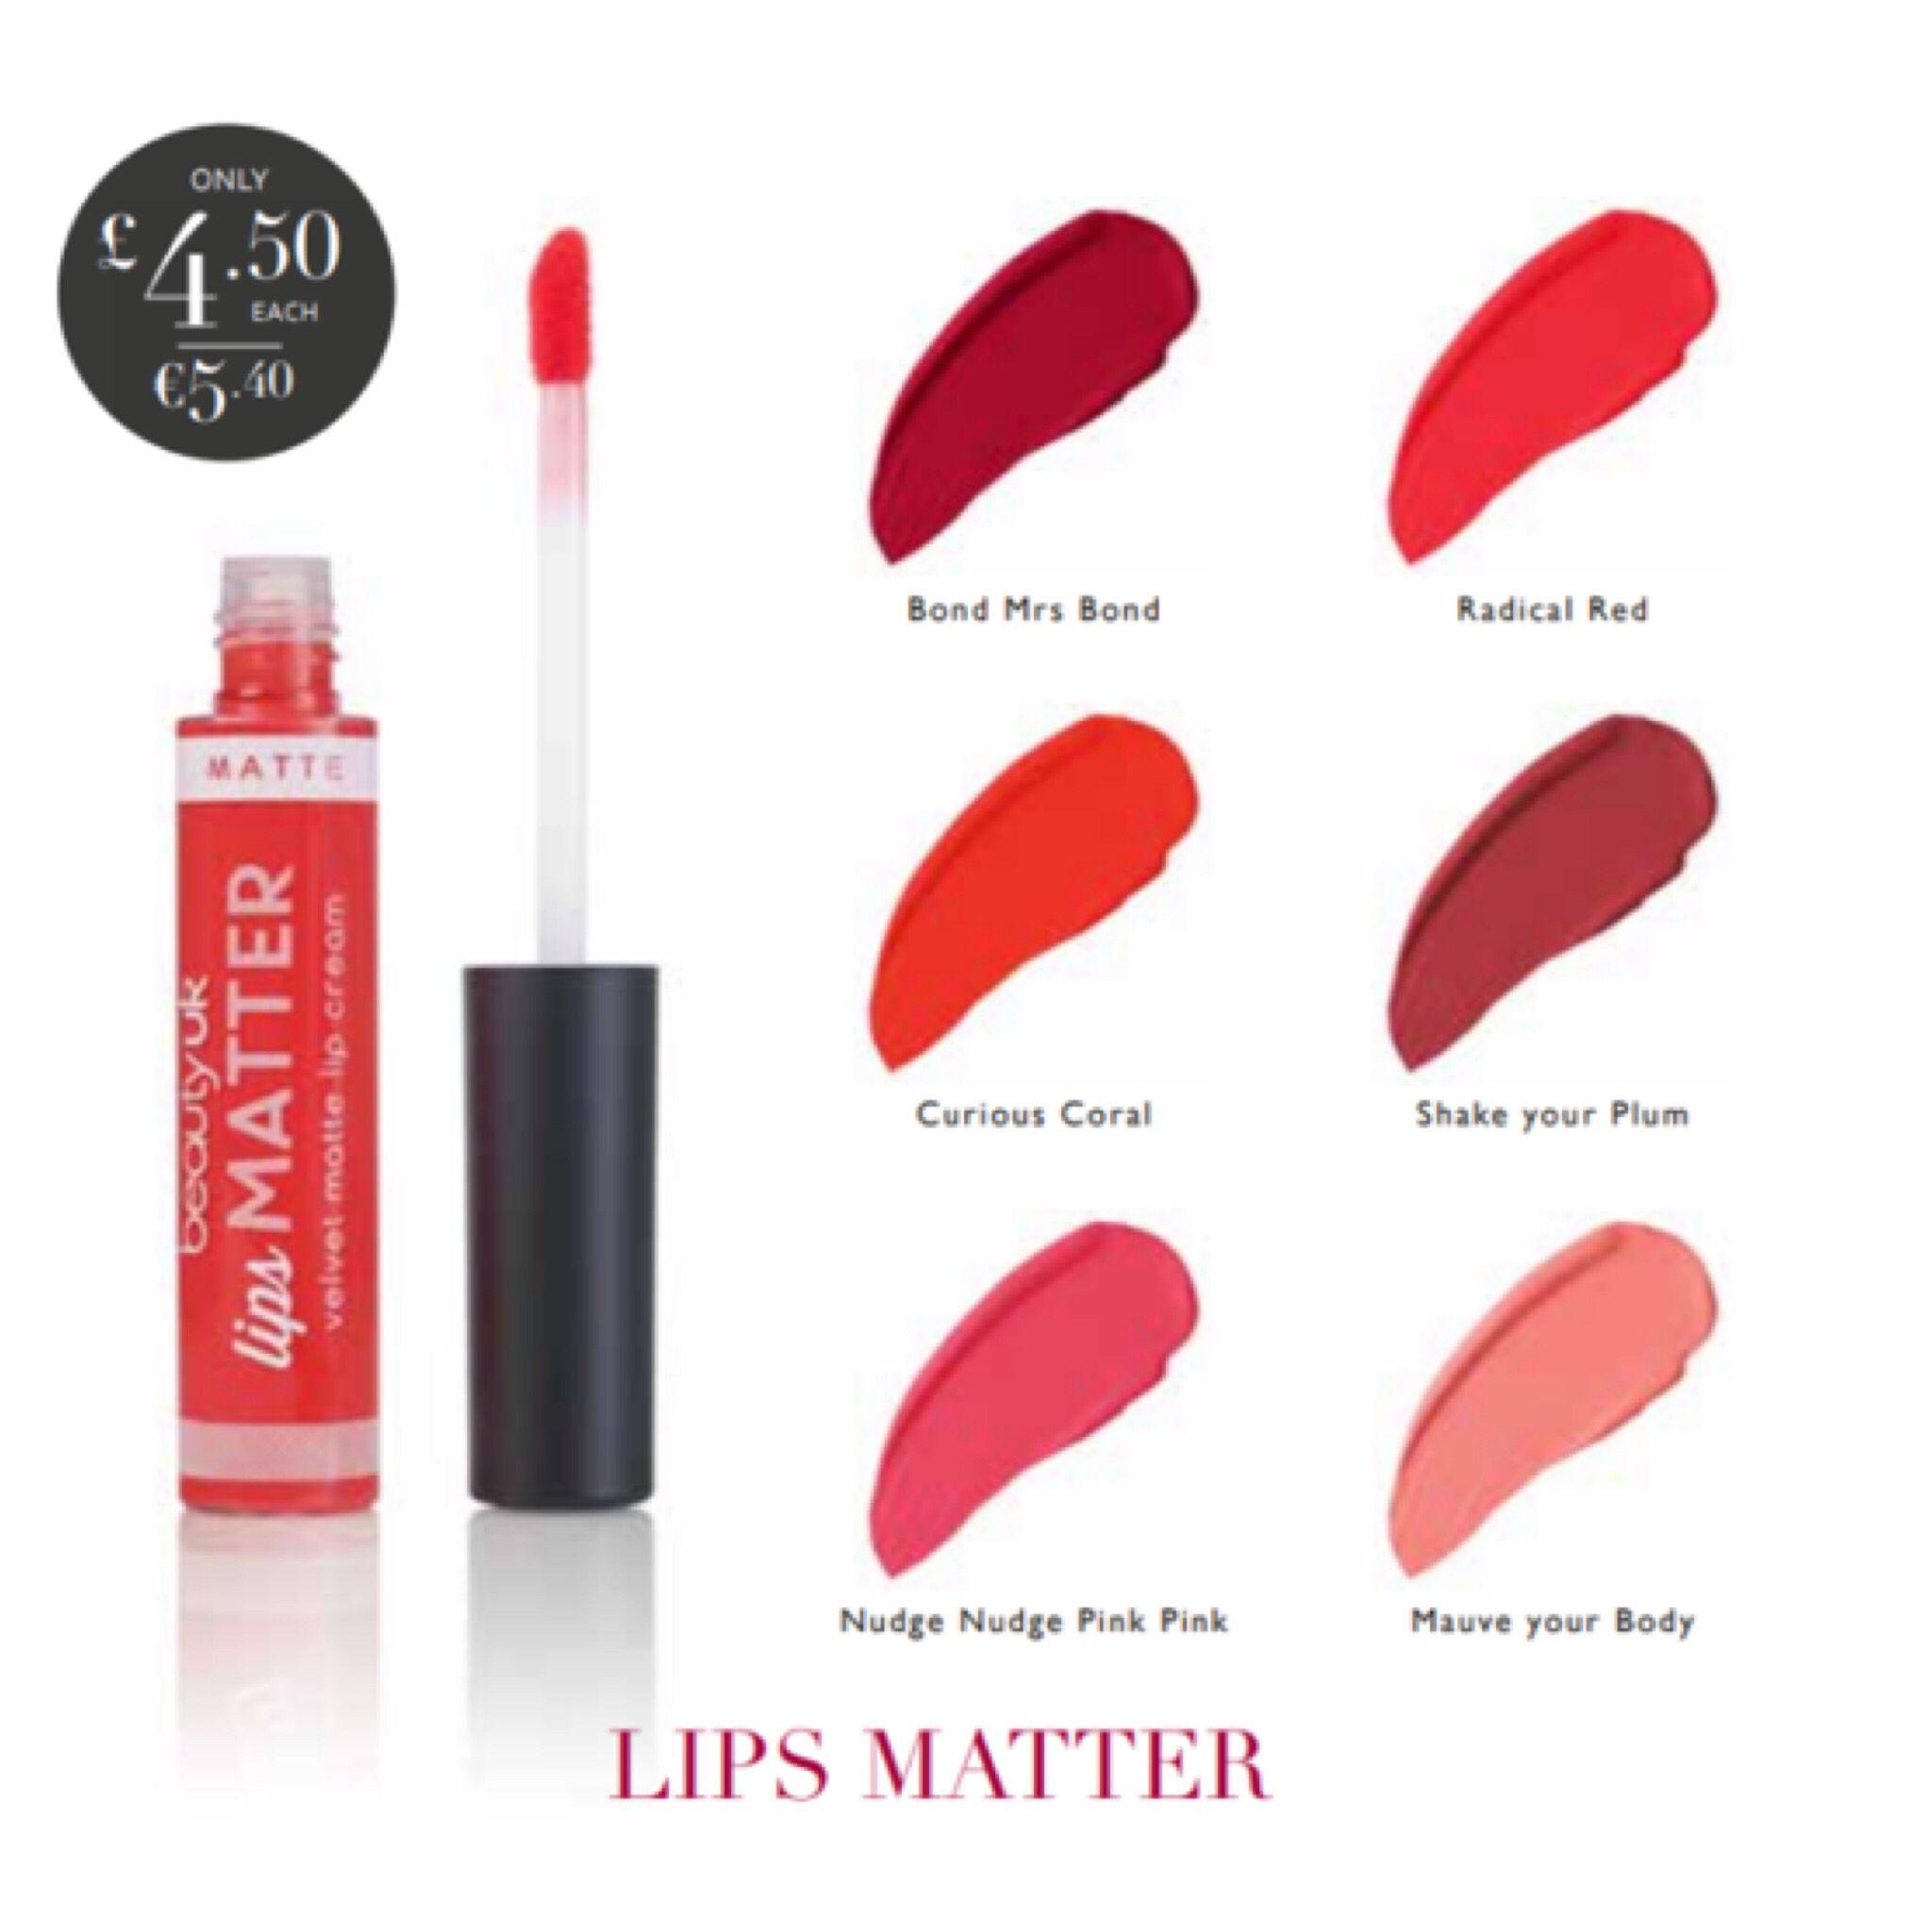 Lips Matter Vibrant Lipstick Matte Lip Cream Lip Cream